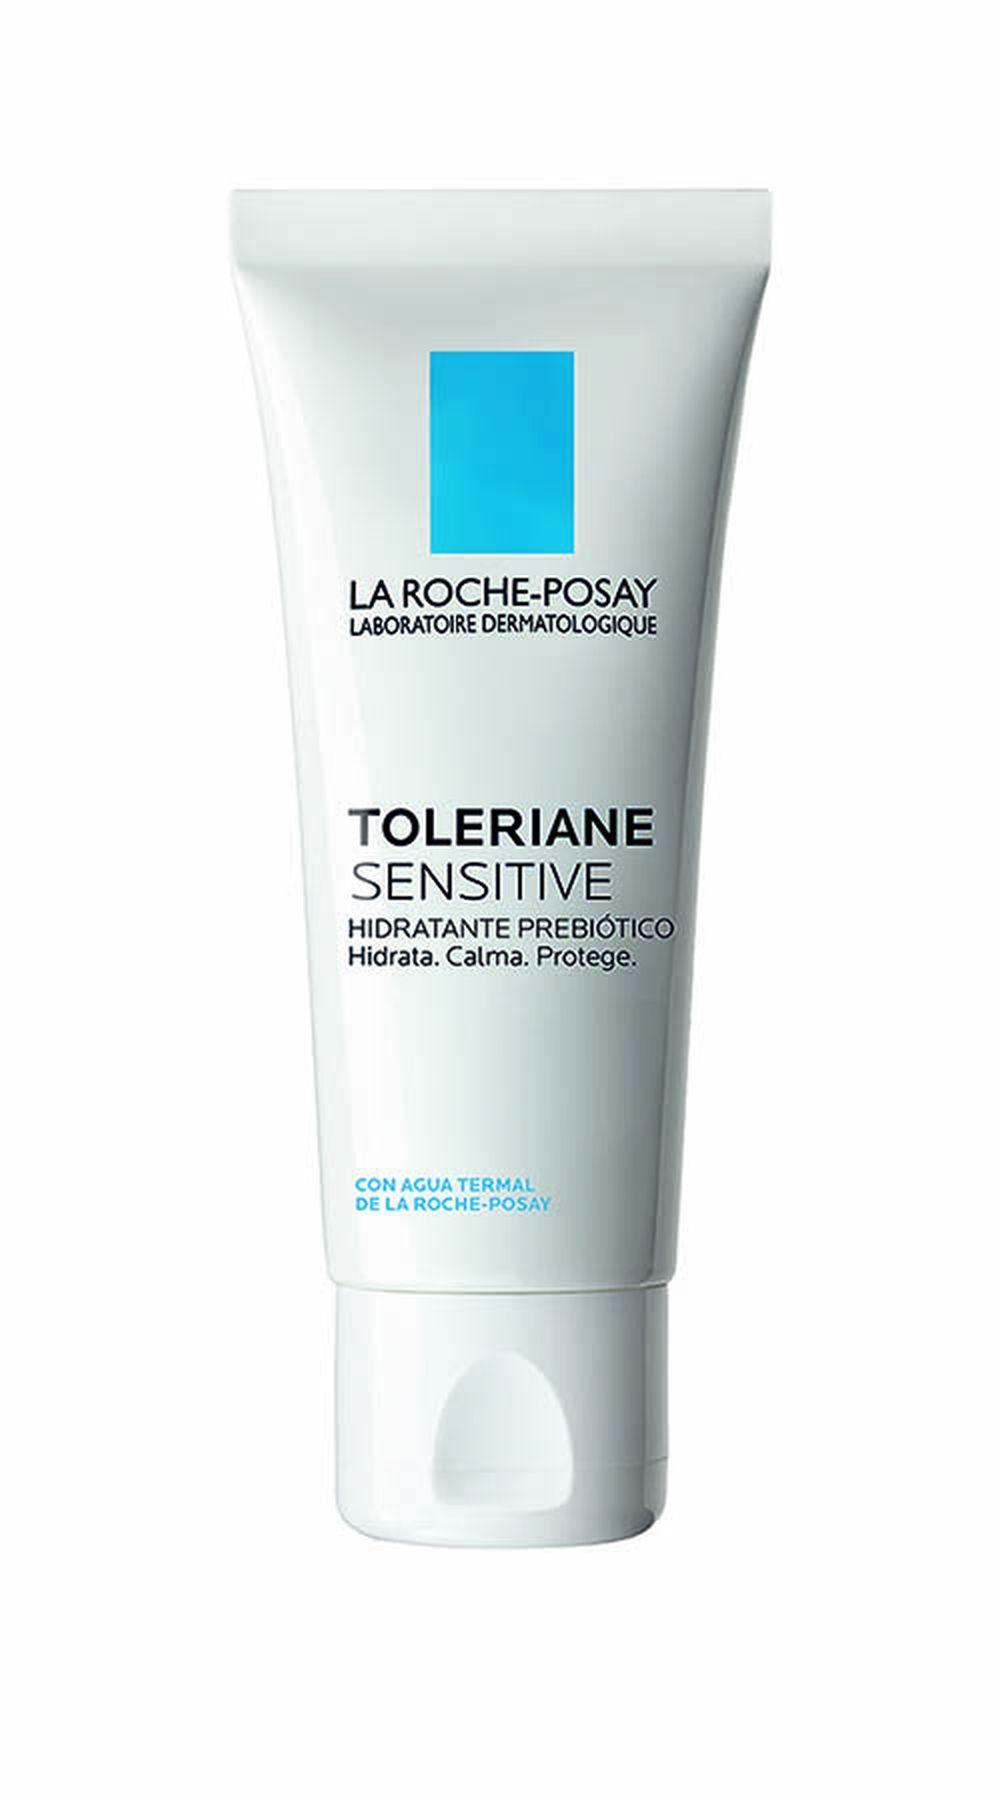 Toleriane Sensitive de La Roche-Posay, un tratamiento hidratante...